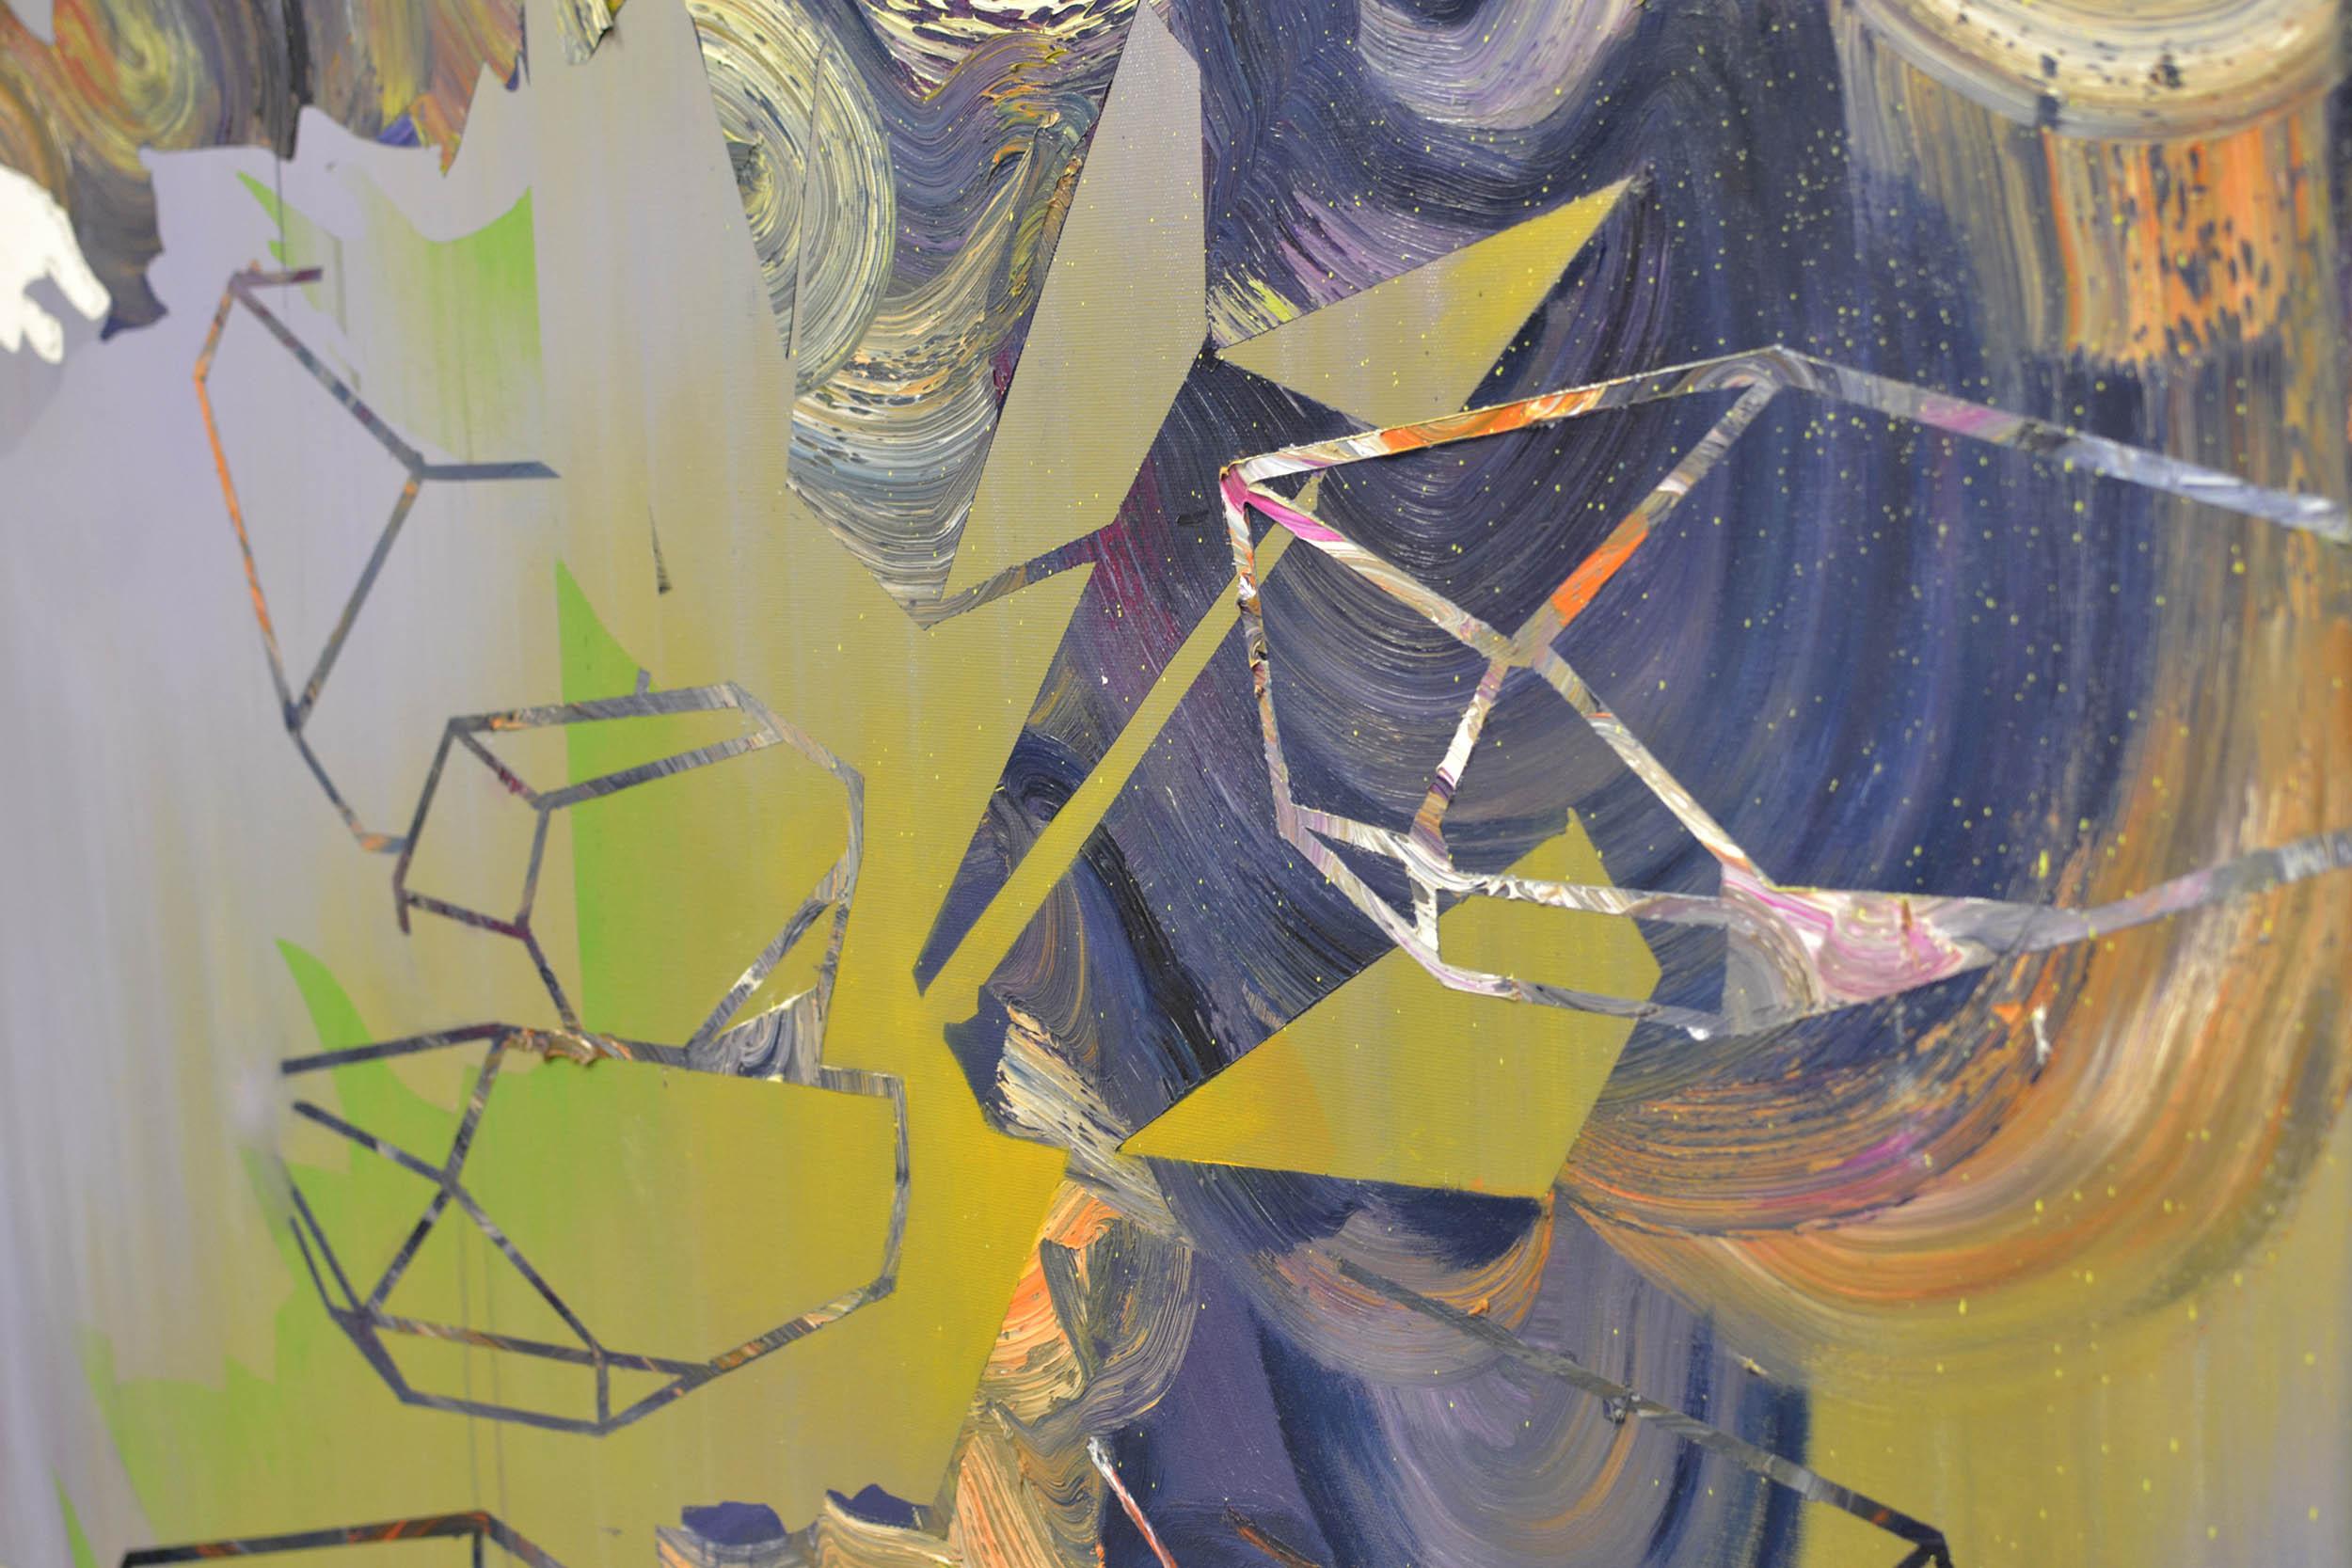 Hornträger (Detail)  oil on canvas 165 x 200 cm, 2013